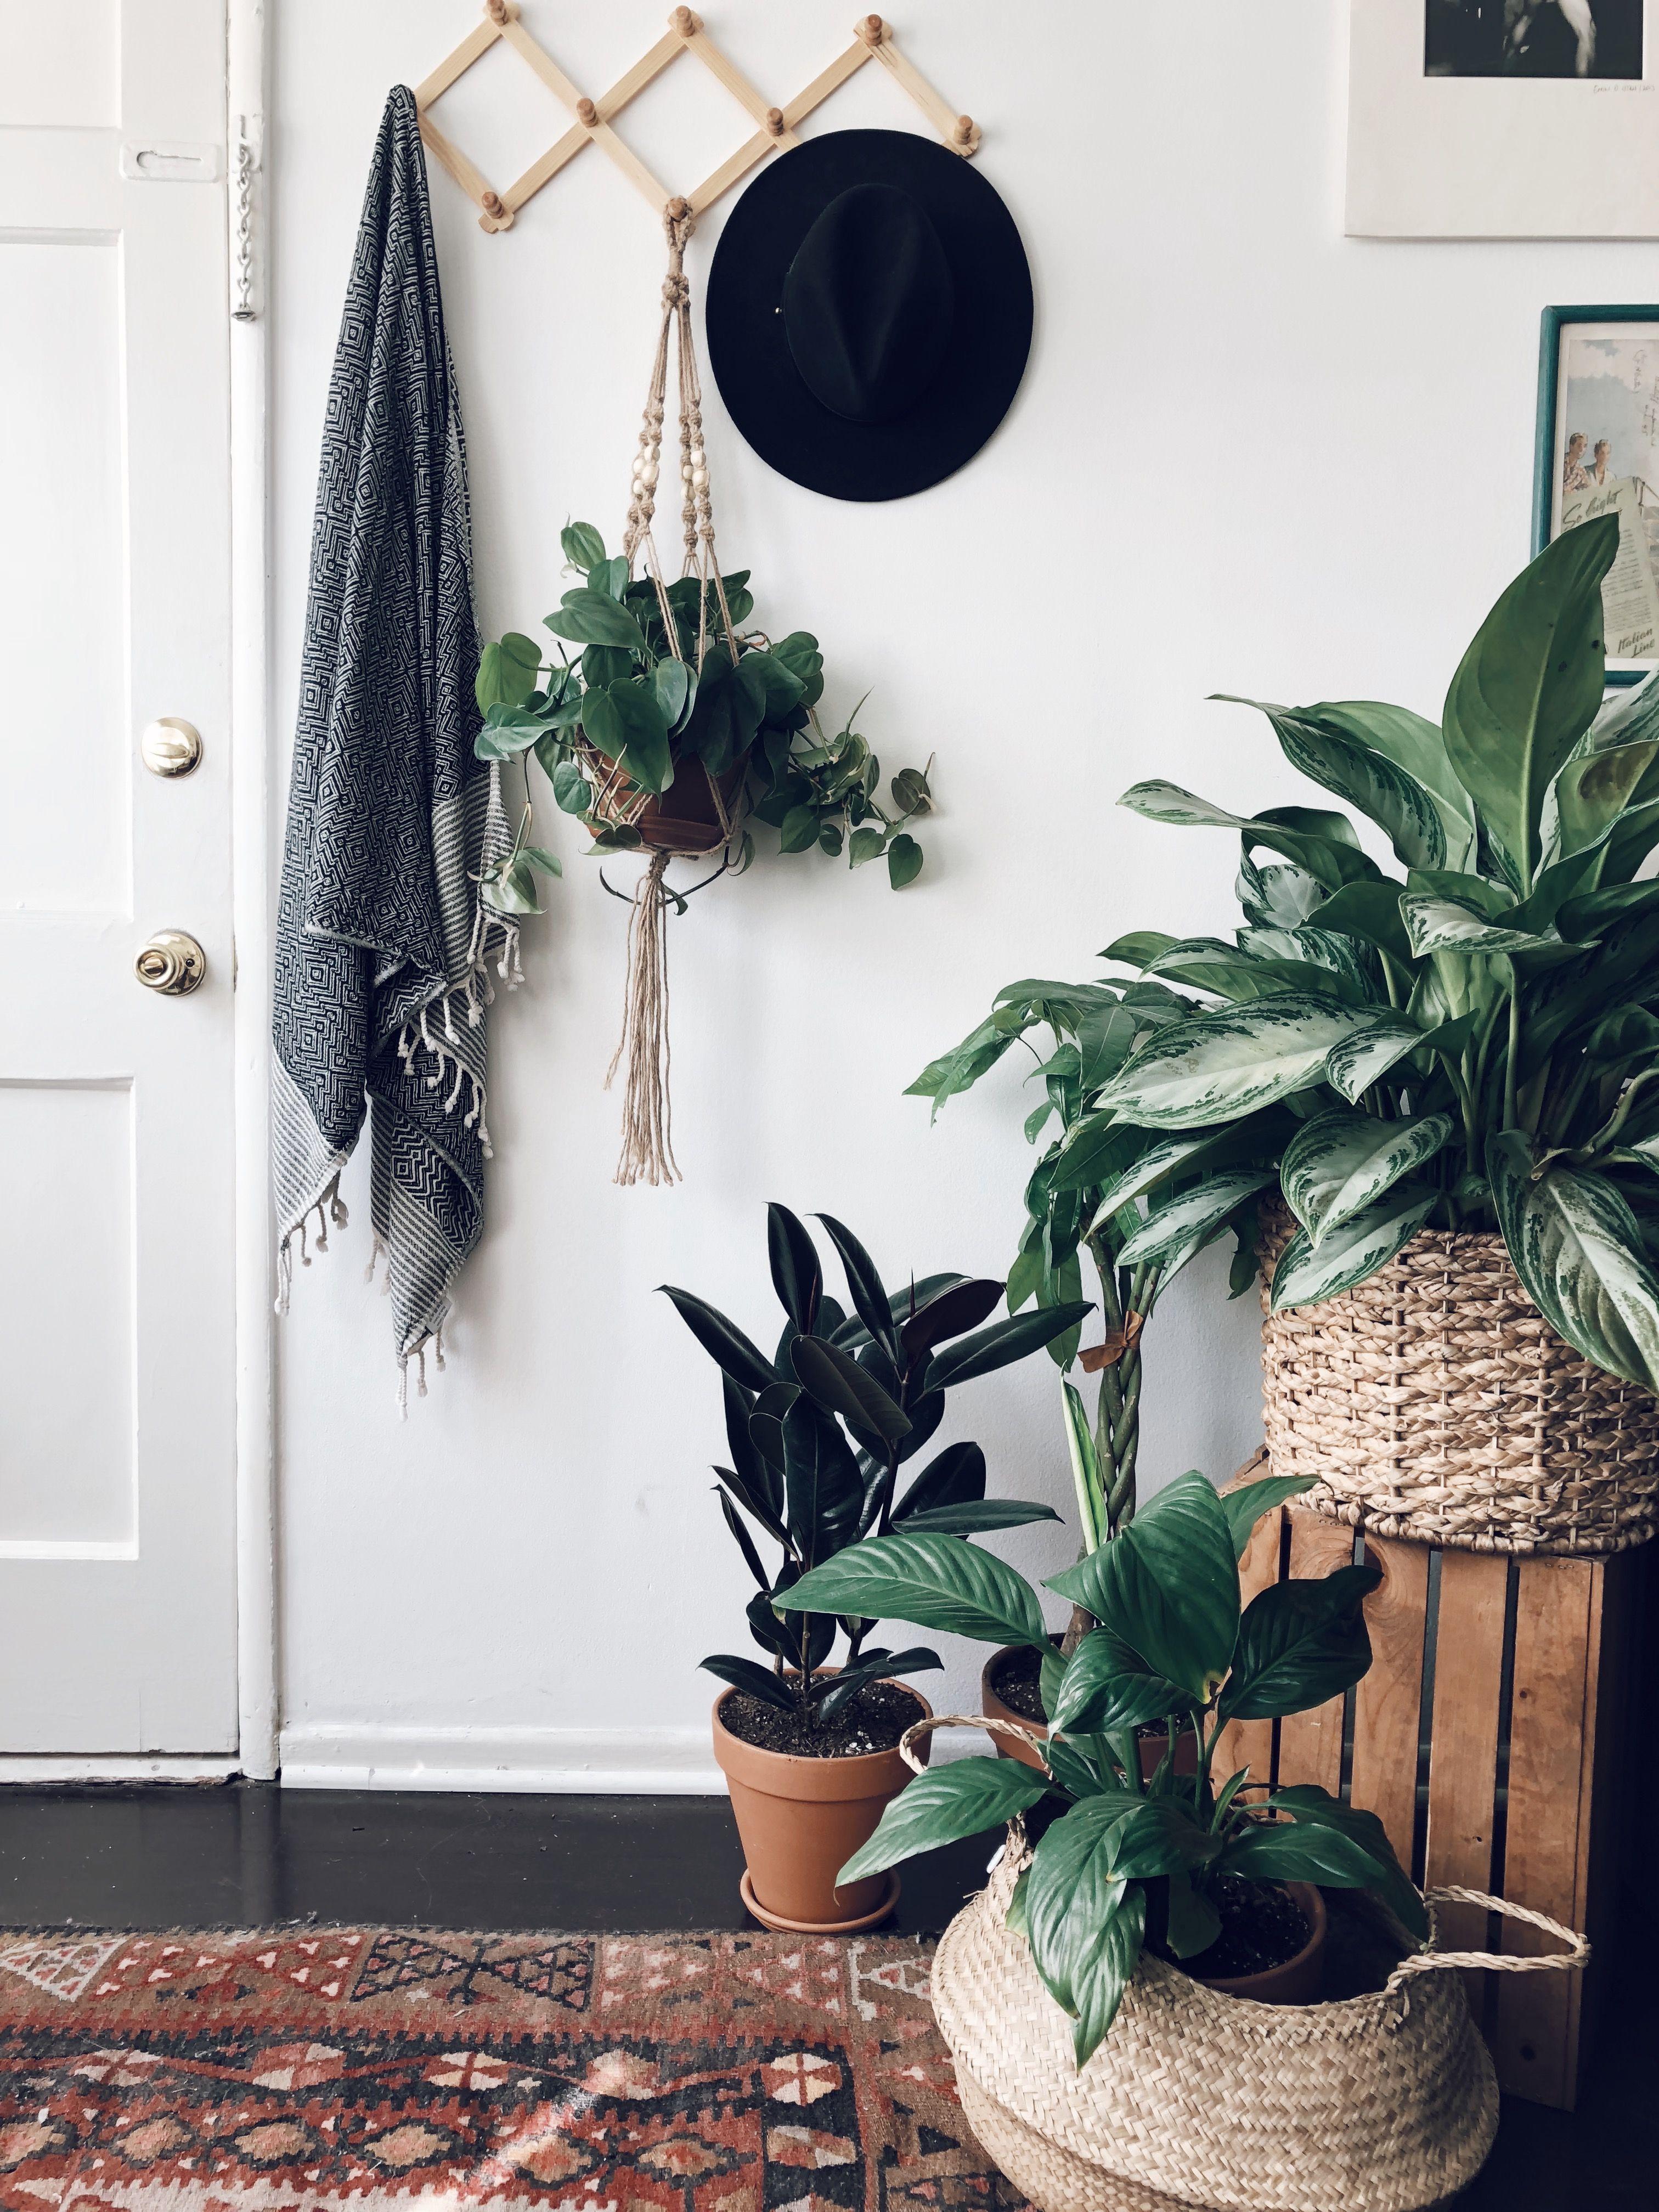 deco interieur confinement idee amenagement plantes